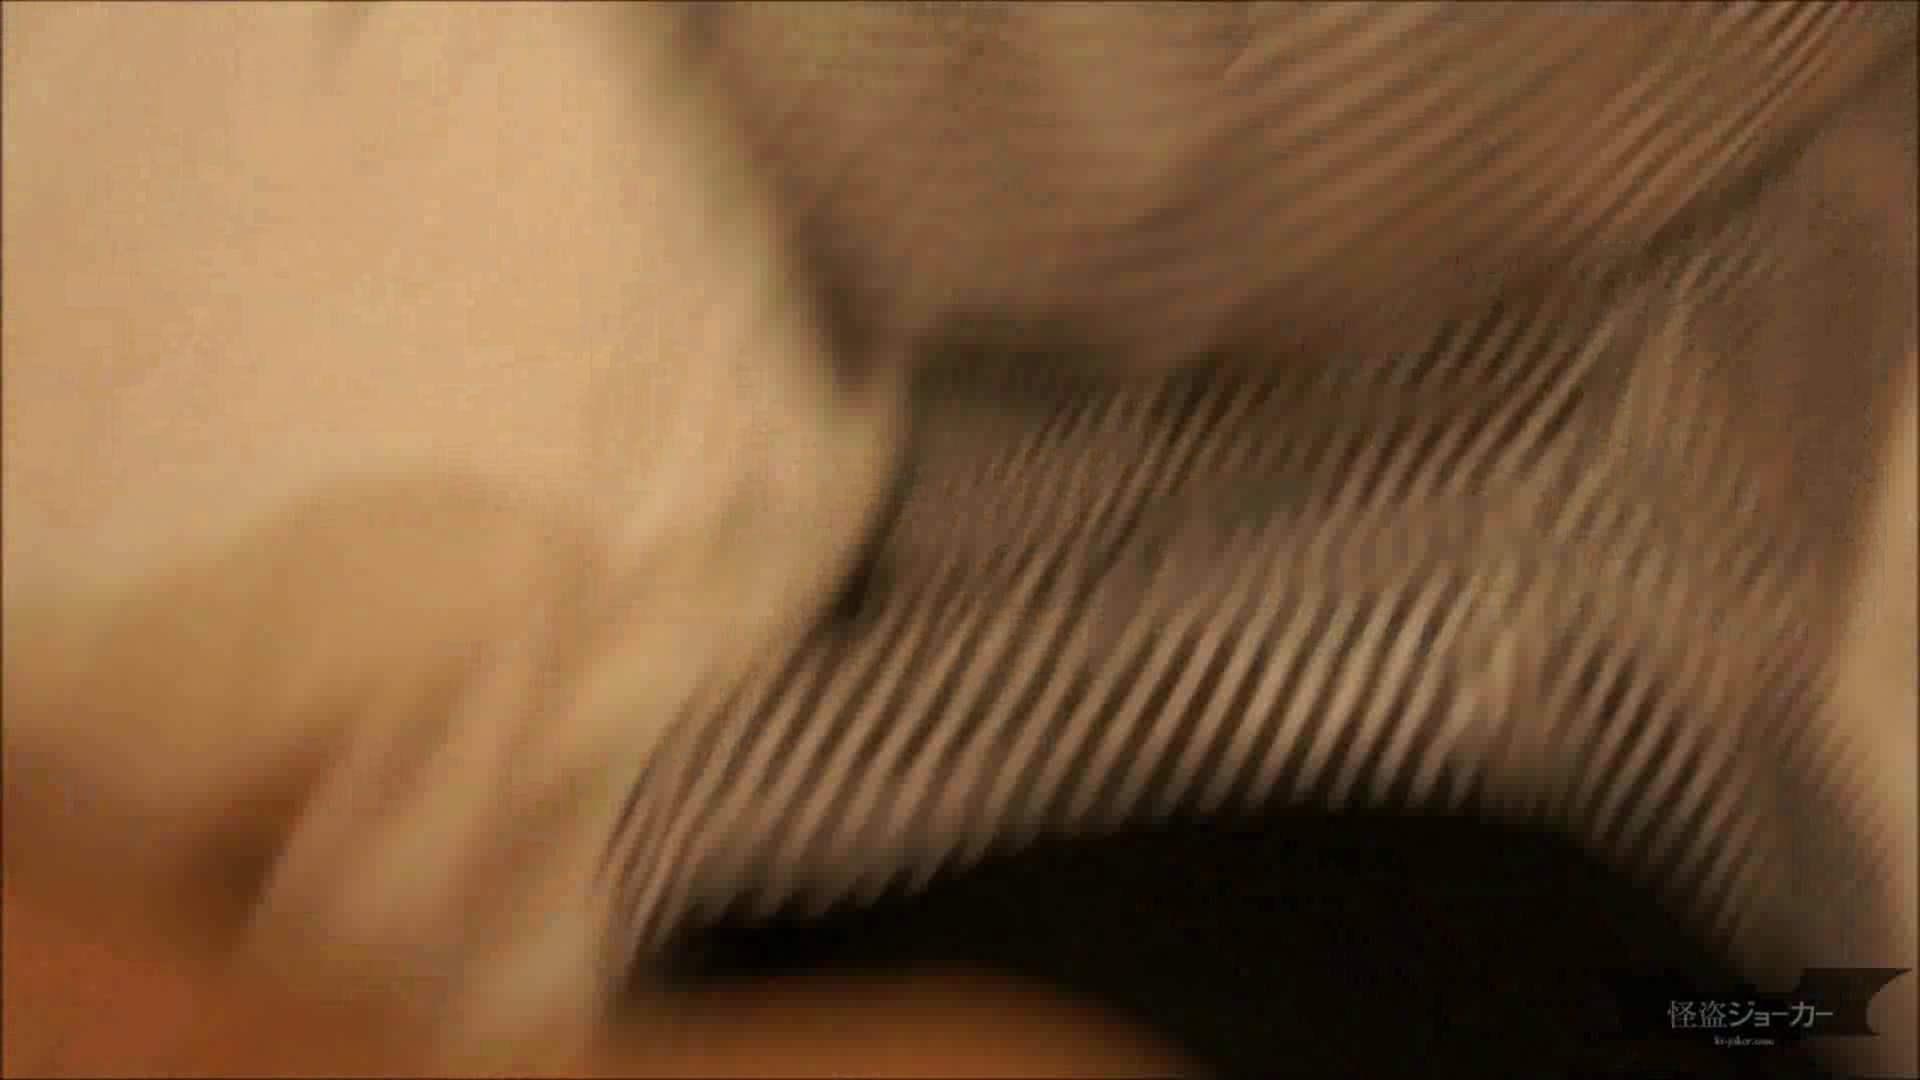 【未公開】vol.19 セレブ美魔女・仕事帰りに口淫、膣内射精、滴り落ちる精液。 ラブホテル AV動画キャプチャ 86枚 10